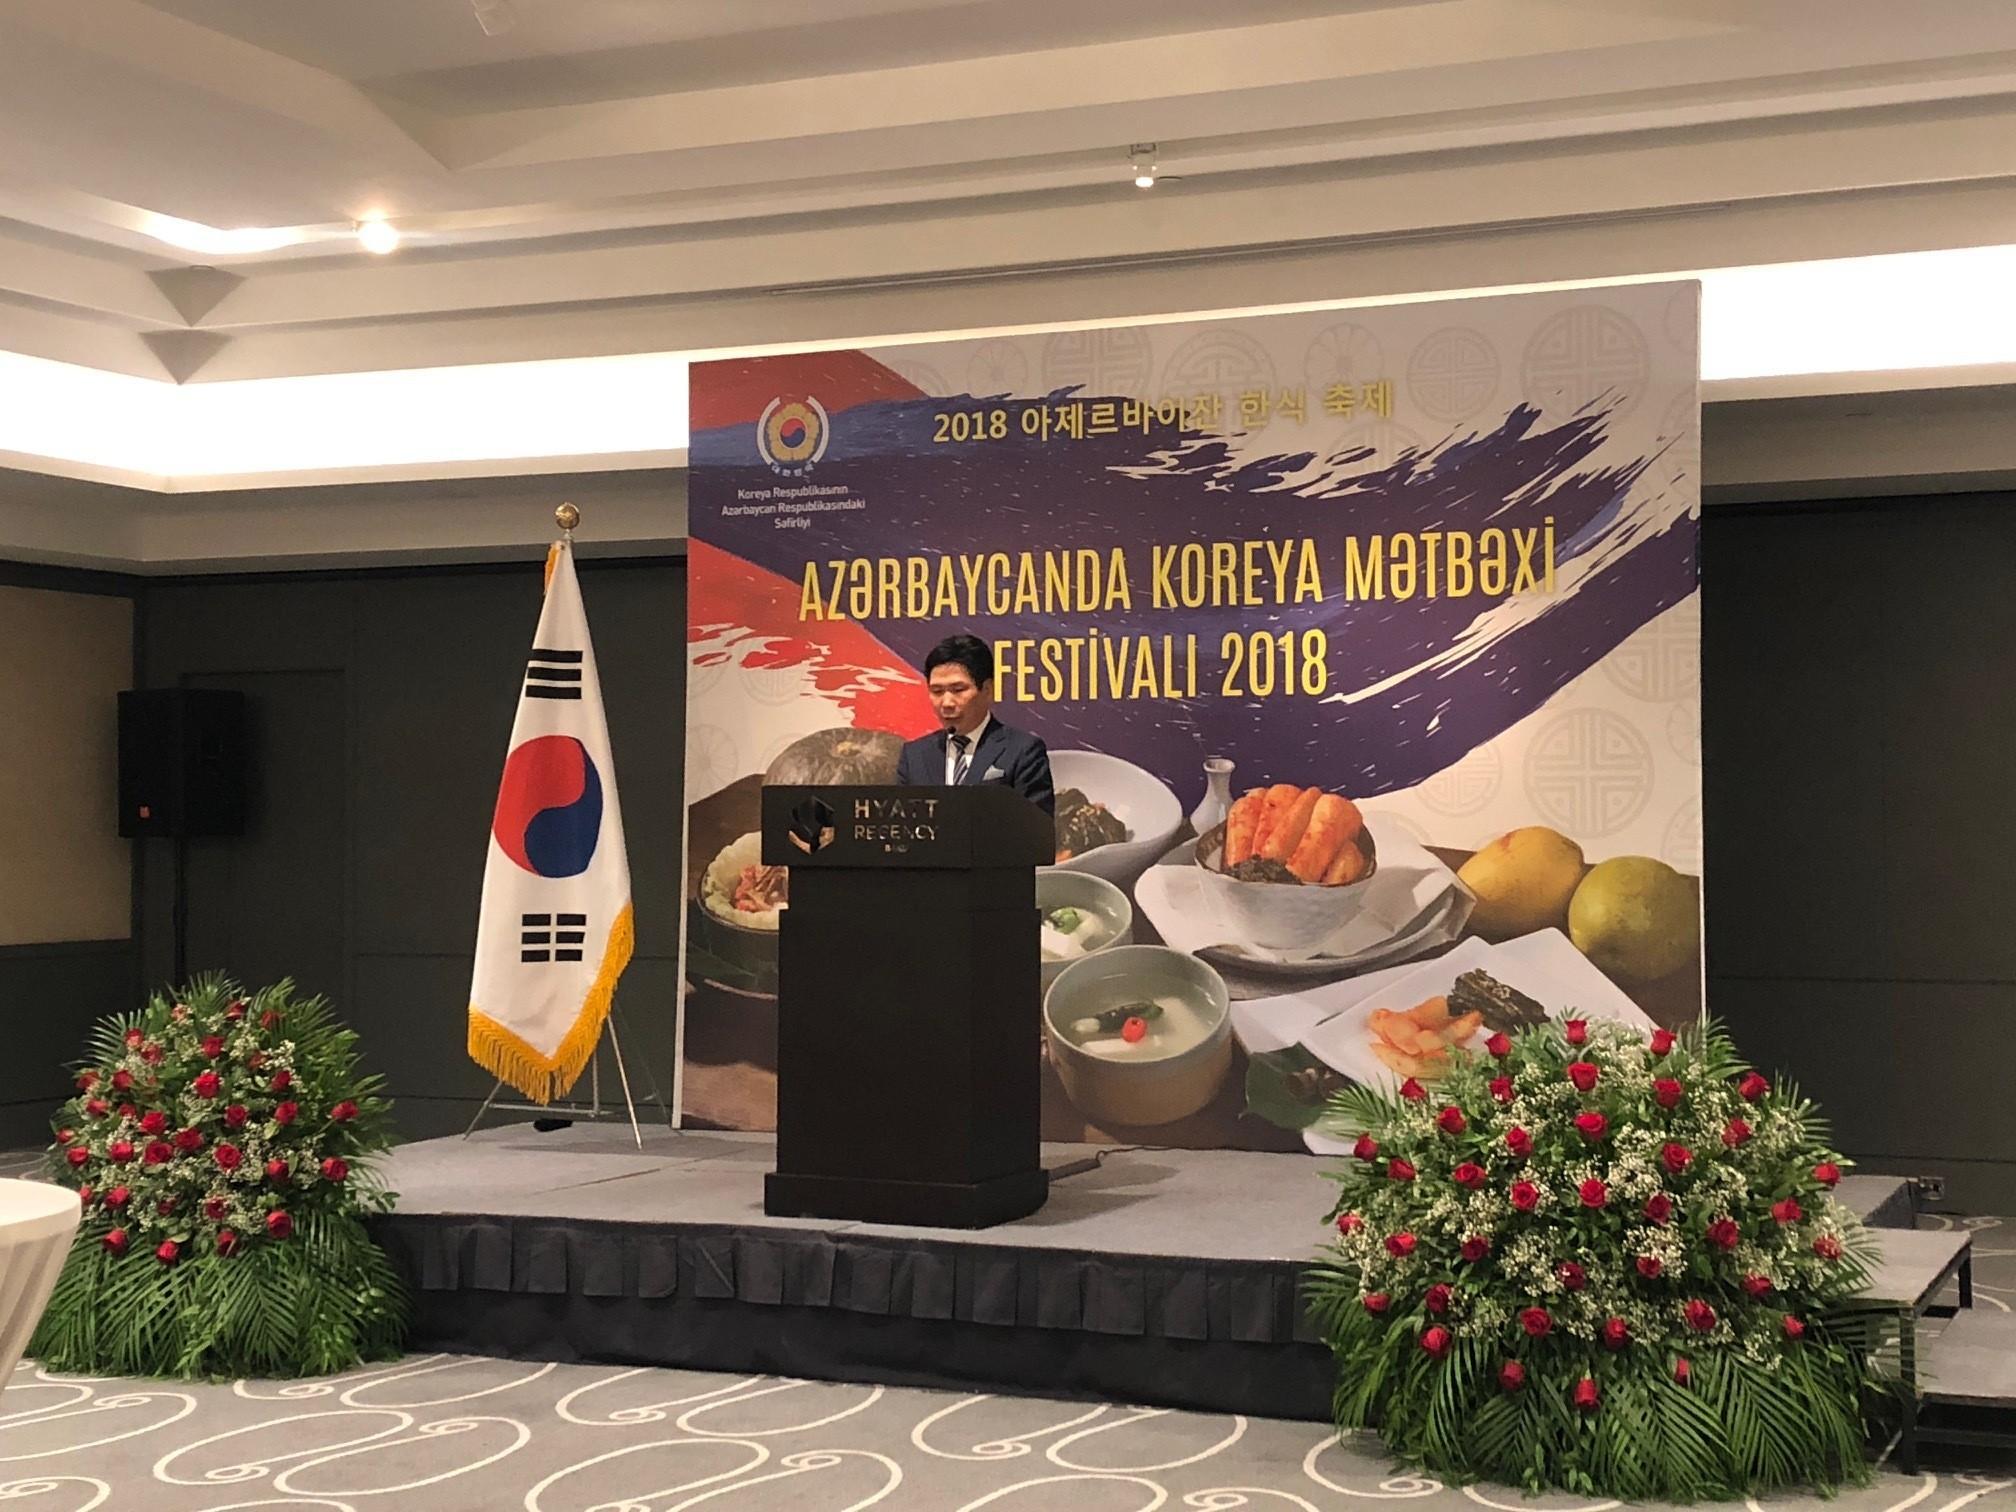 Korean Food Festival was held in Baku